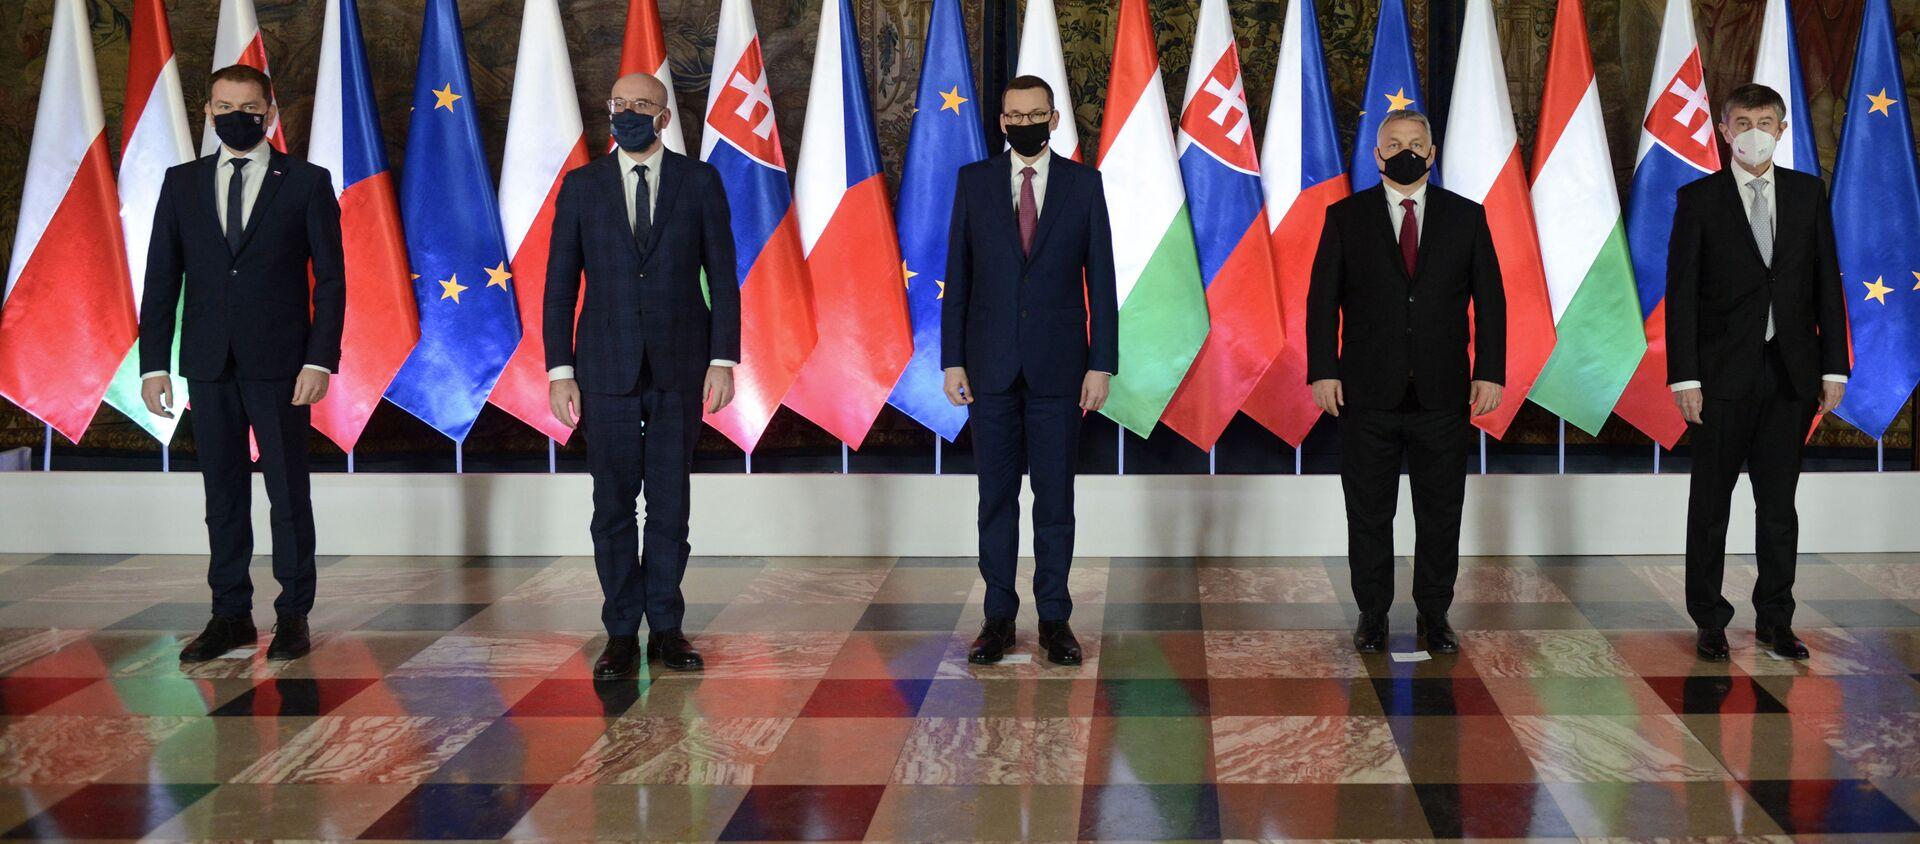 Szefowie rządów państw V4 oraz Charles Michel podczas szczytu Grupy Wyszehradzkiej w Krakowie - Sputnik Polska, 1920, 17.02.2021